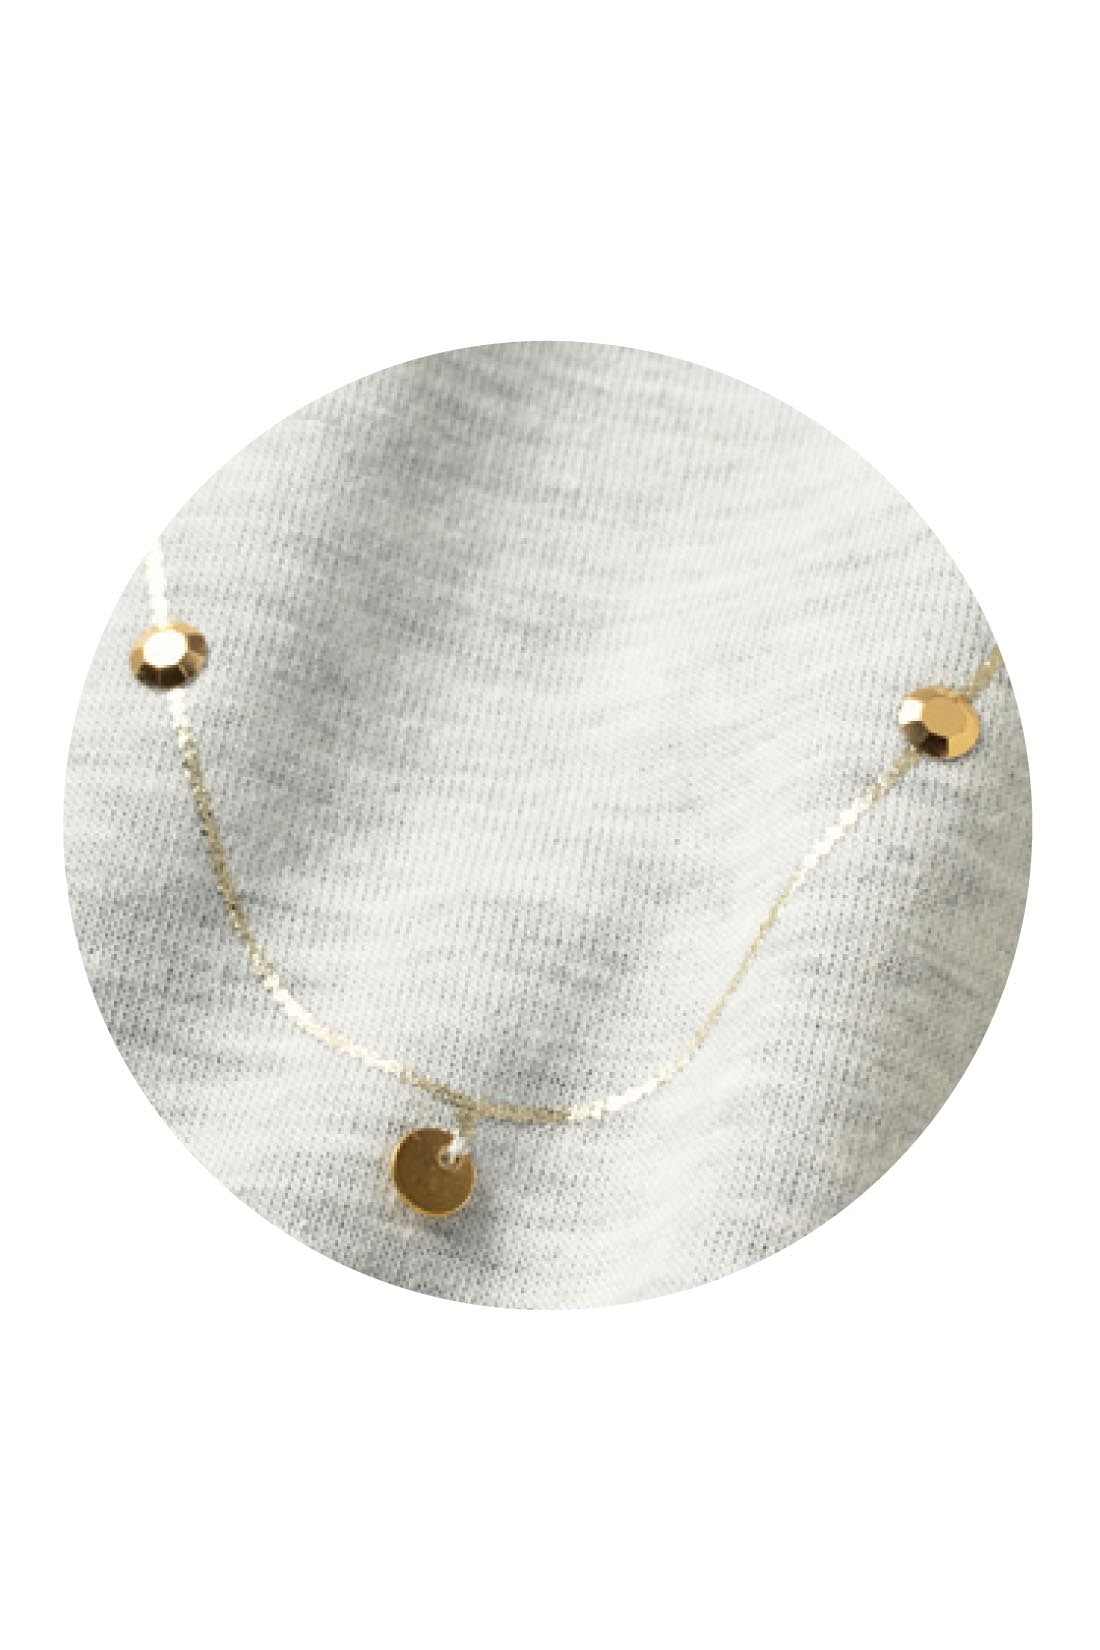 胸もとはスパンコールなどのモチーフと箔(はく)プリントの組み合わせが華やか。アクセいらずで着映えます。